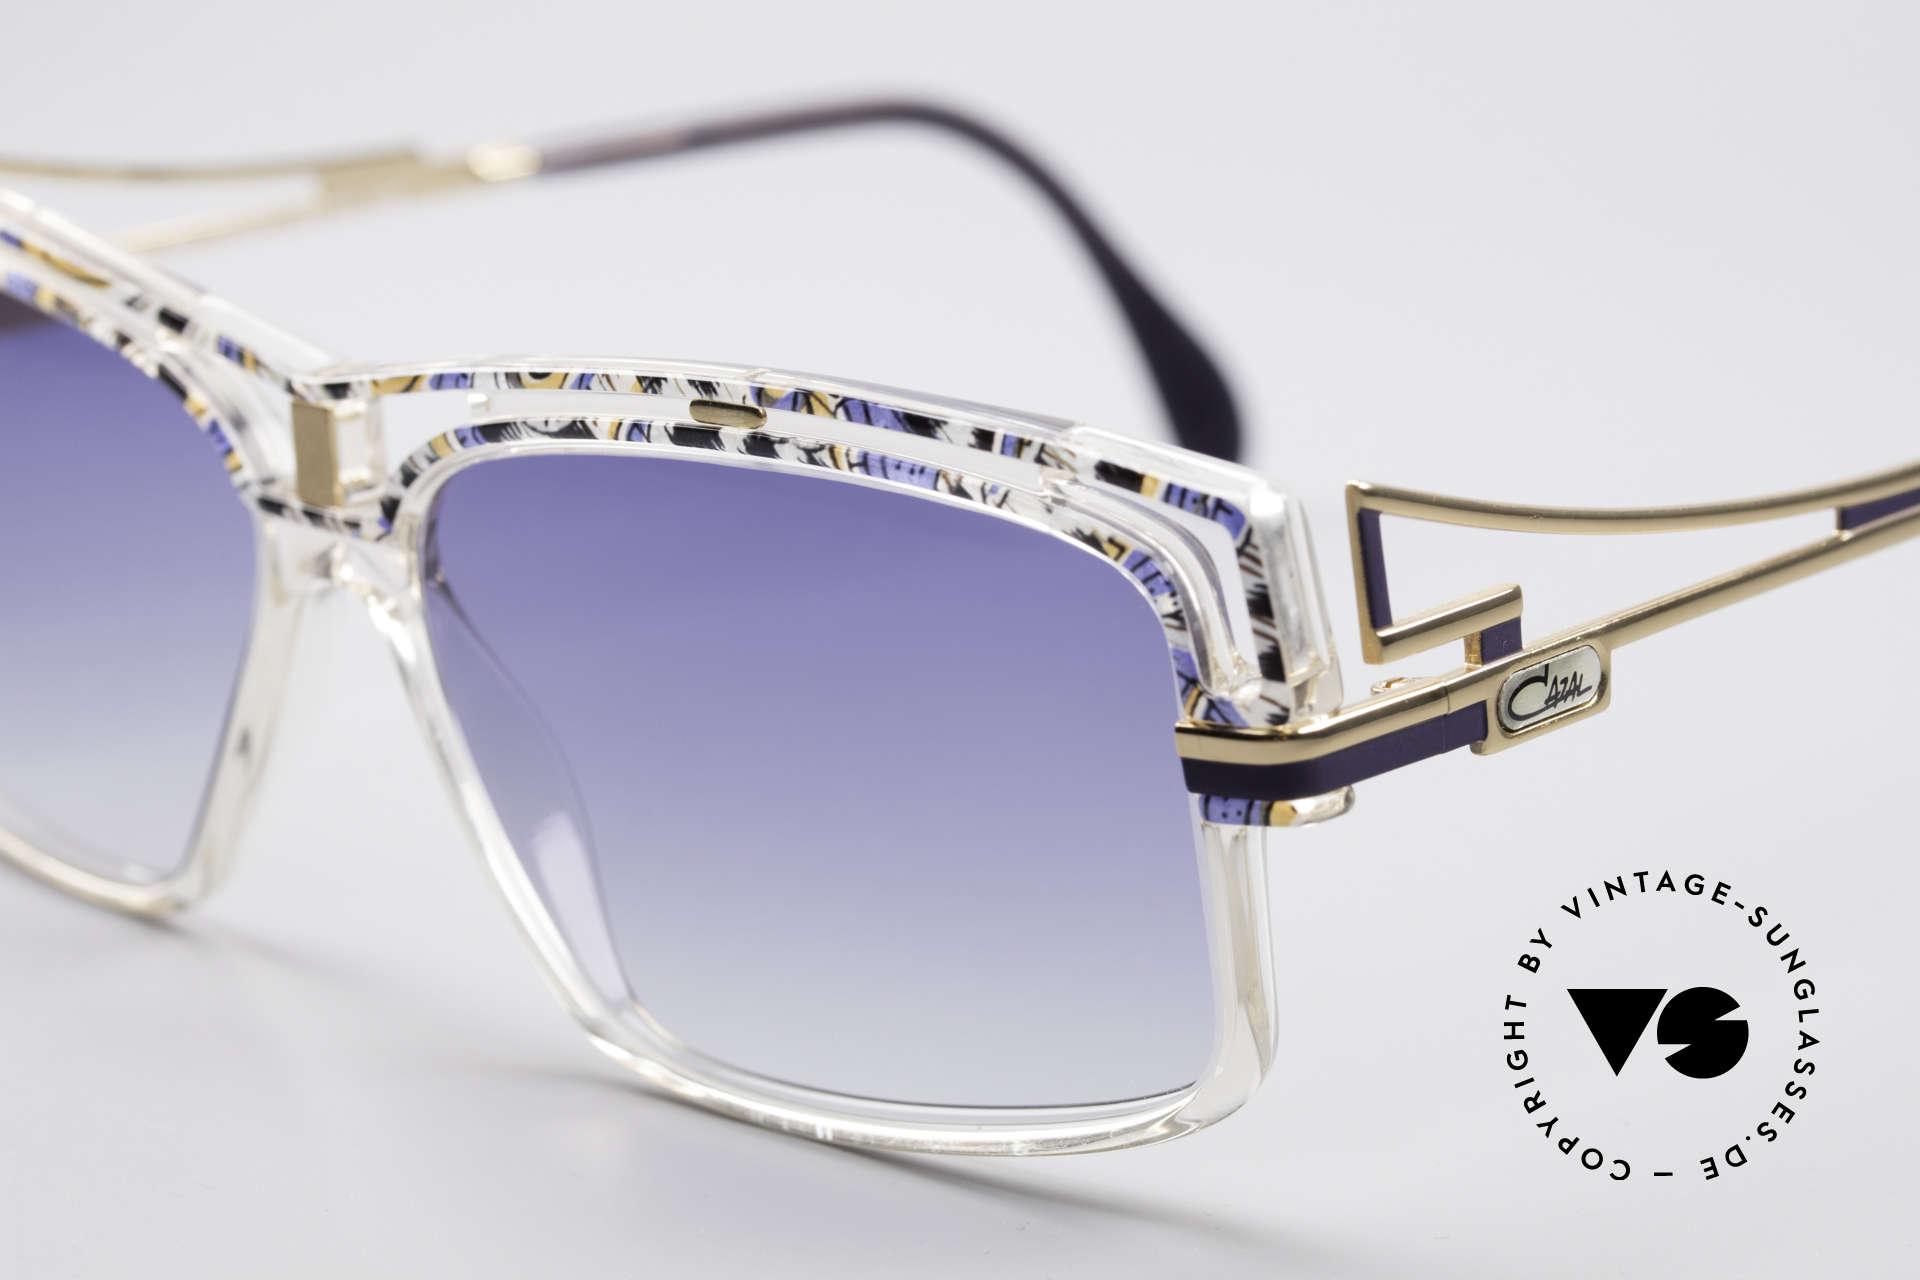 Cazal 365 Vintage 90er Hip Hop Brille, markanter ausdrucksstarker Rahmen, Hip-Hop Brille, Passend für Herren und Damen